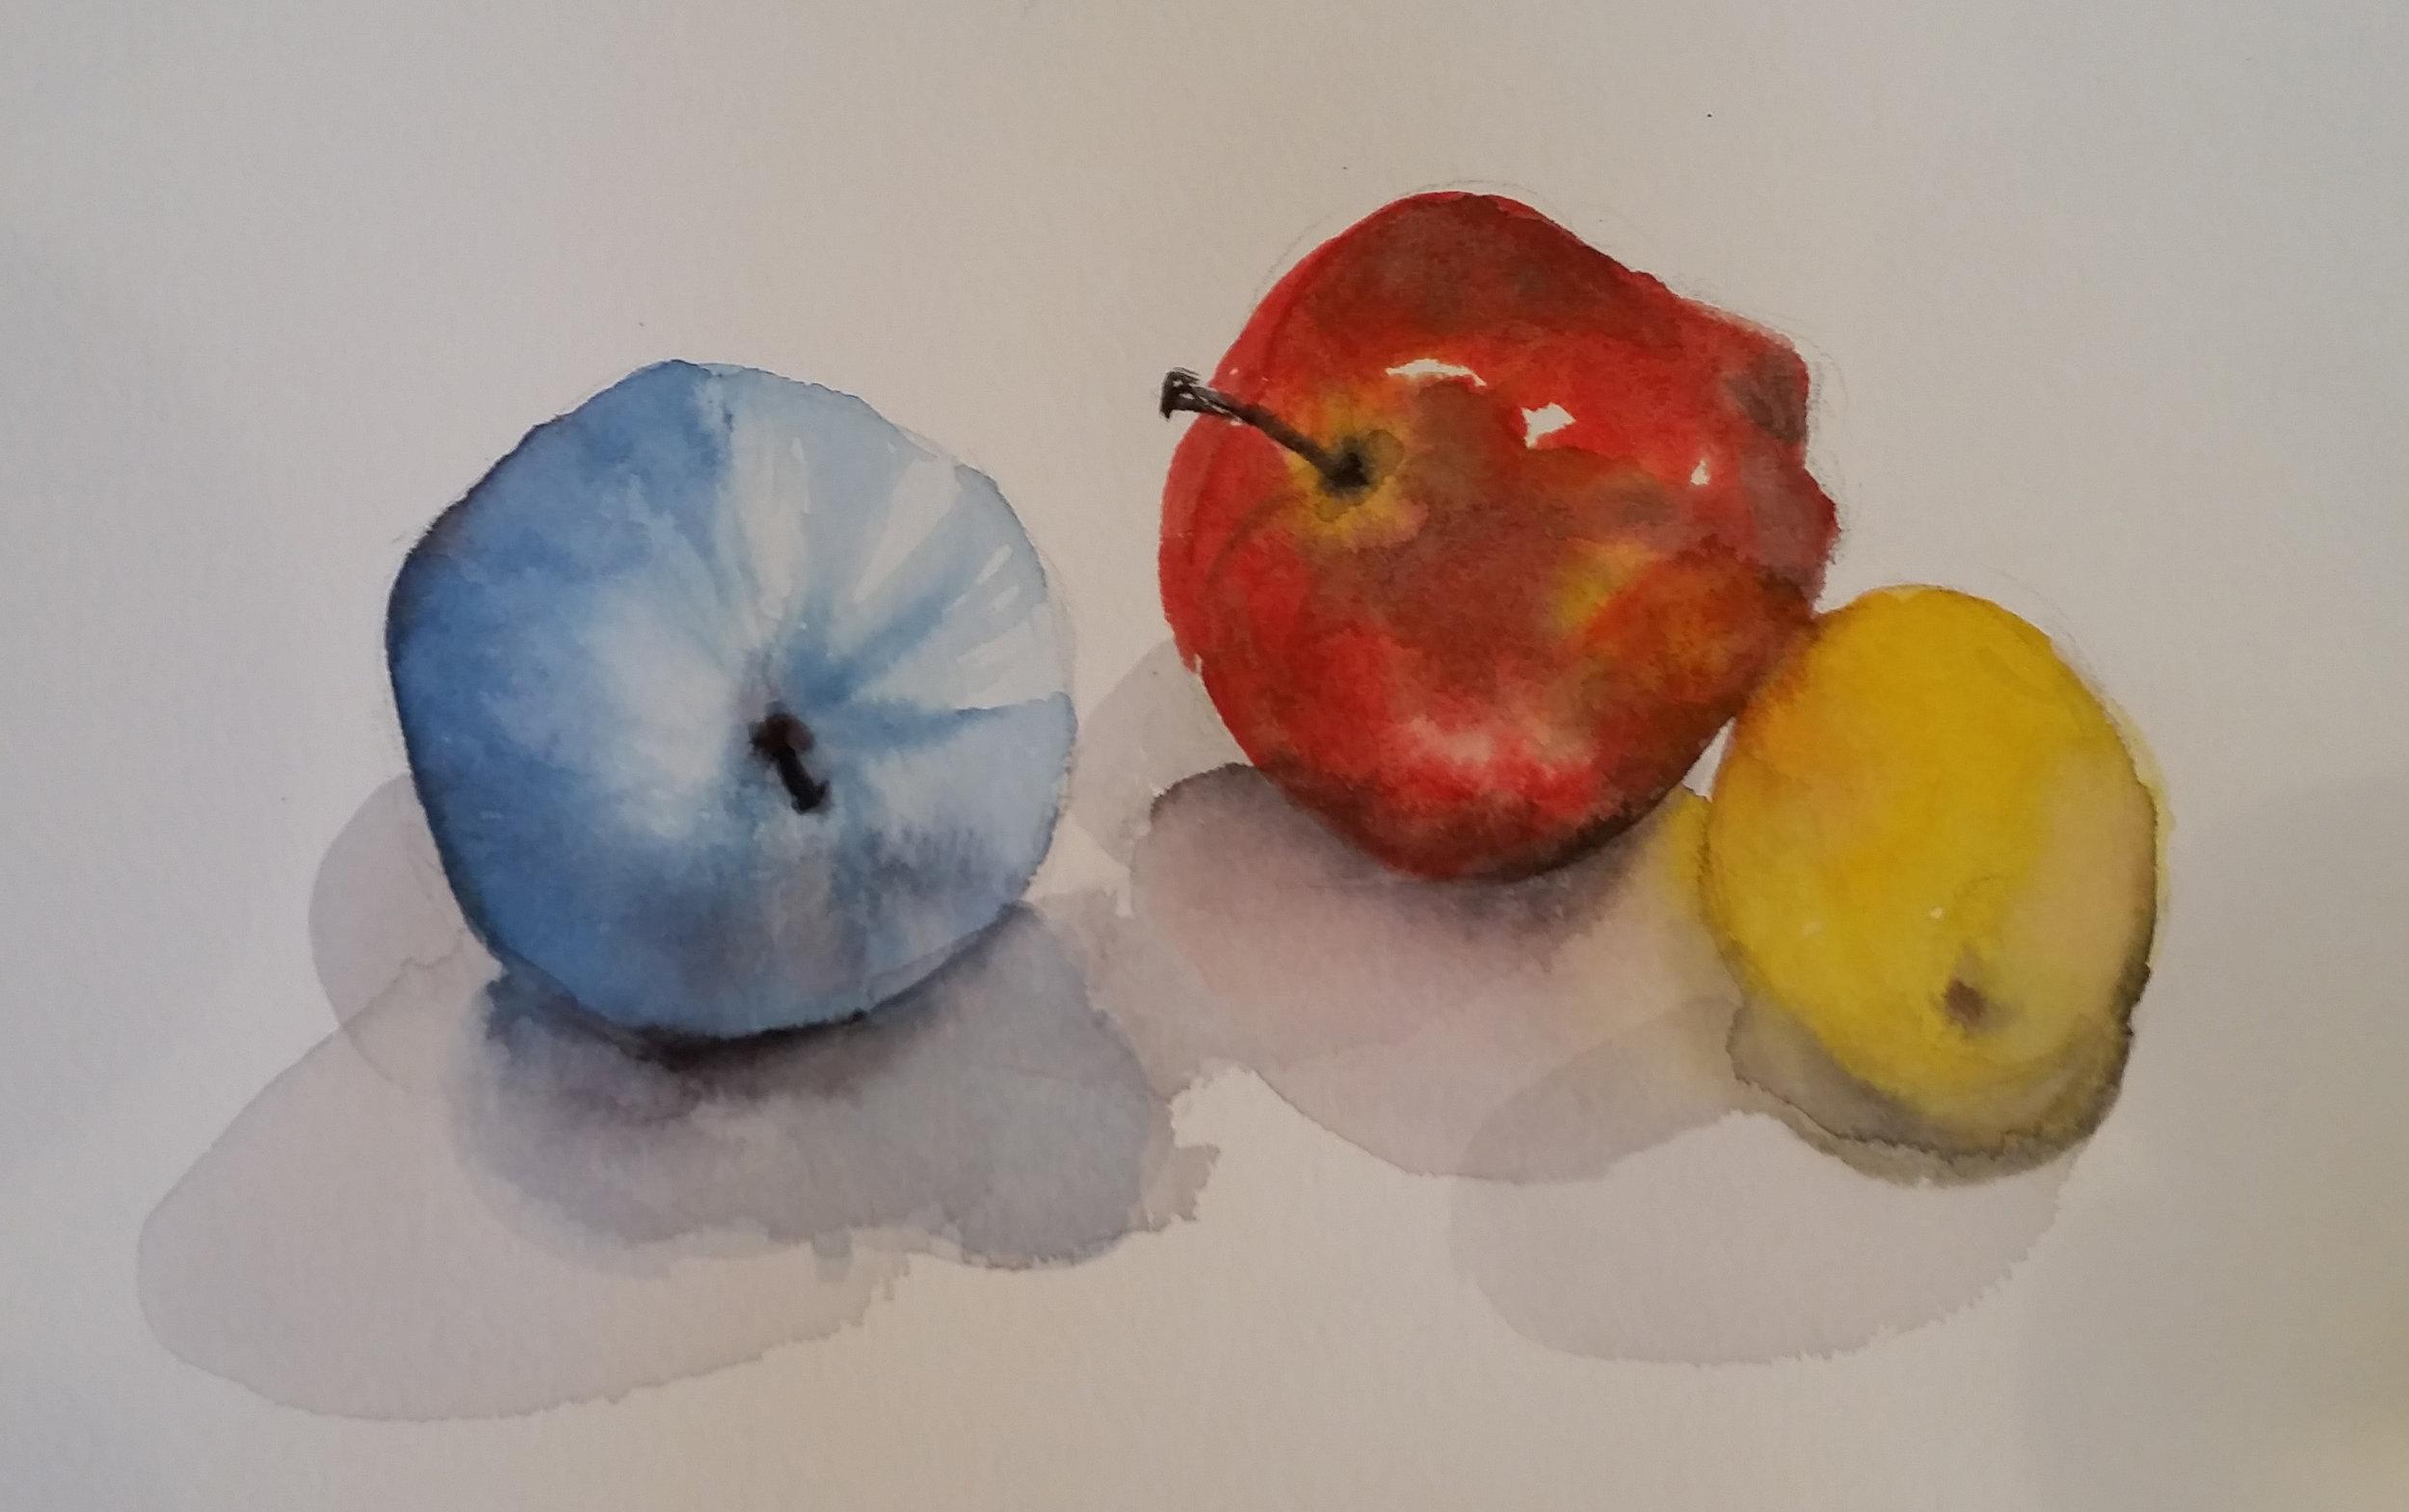 Apples Becky crop.jpg